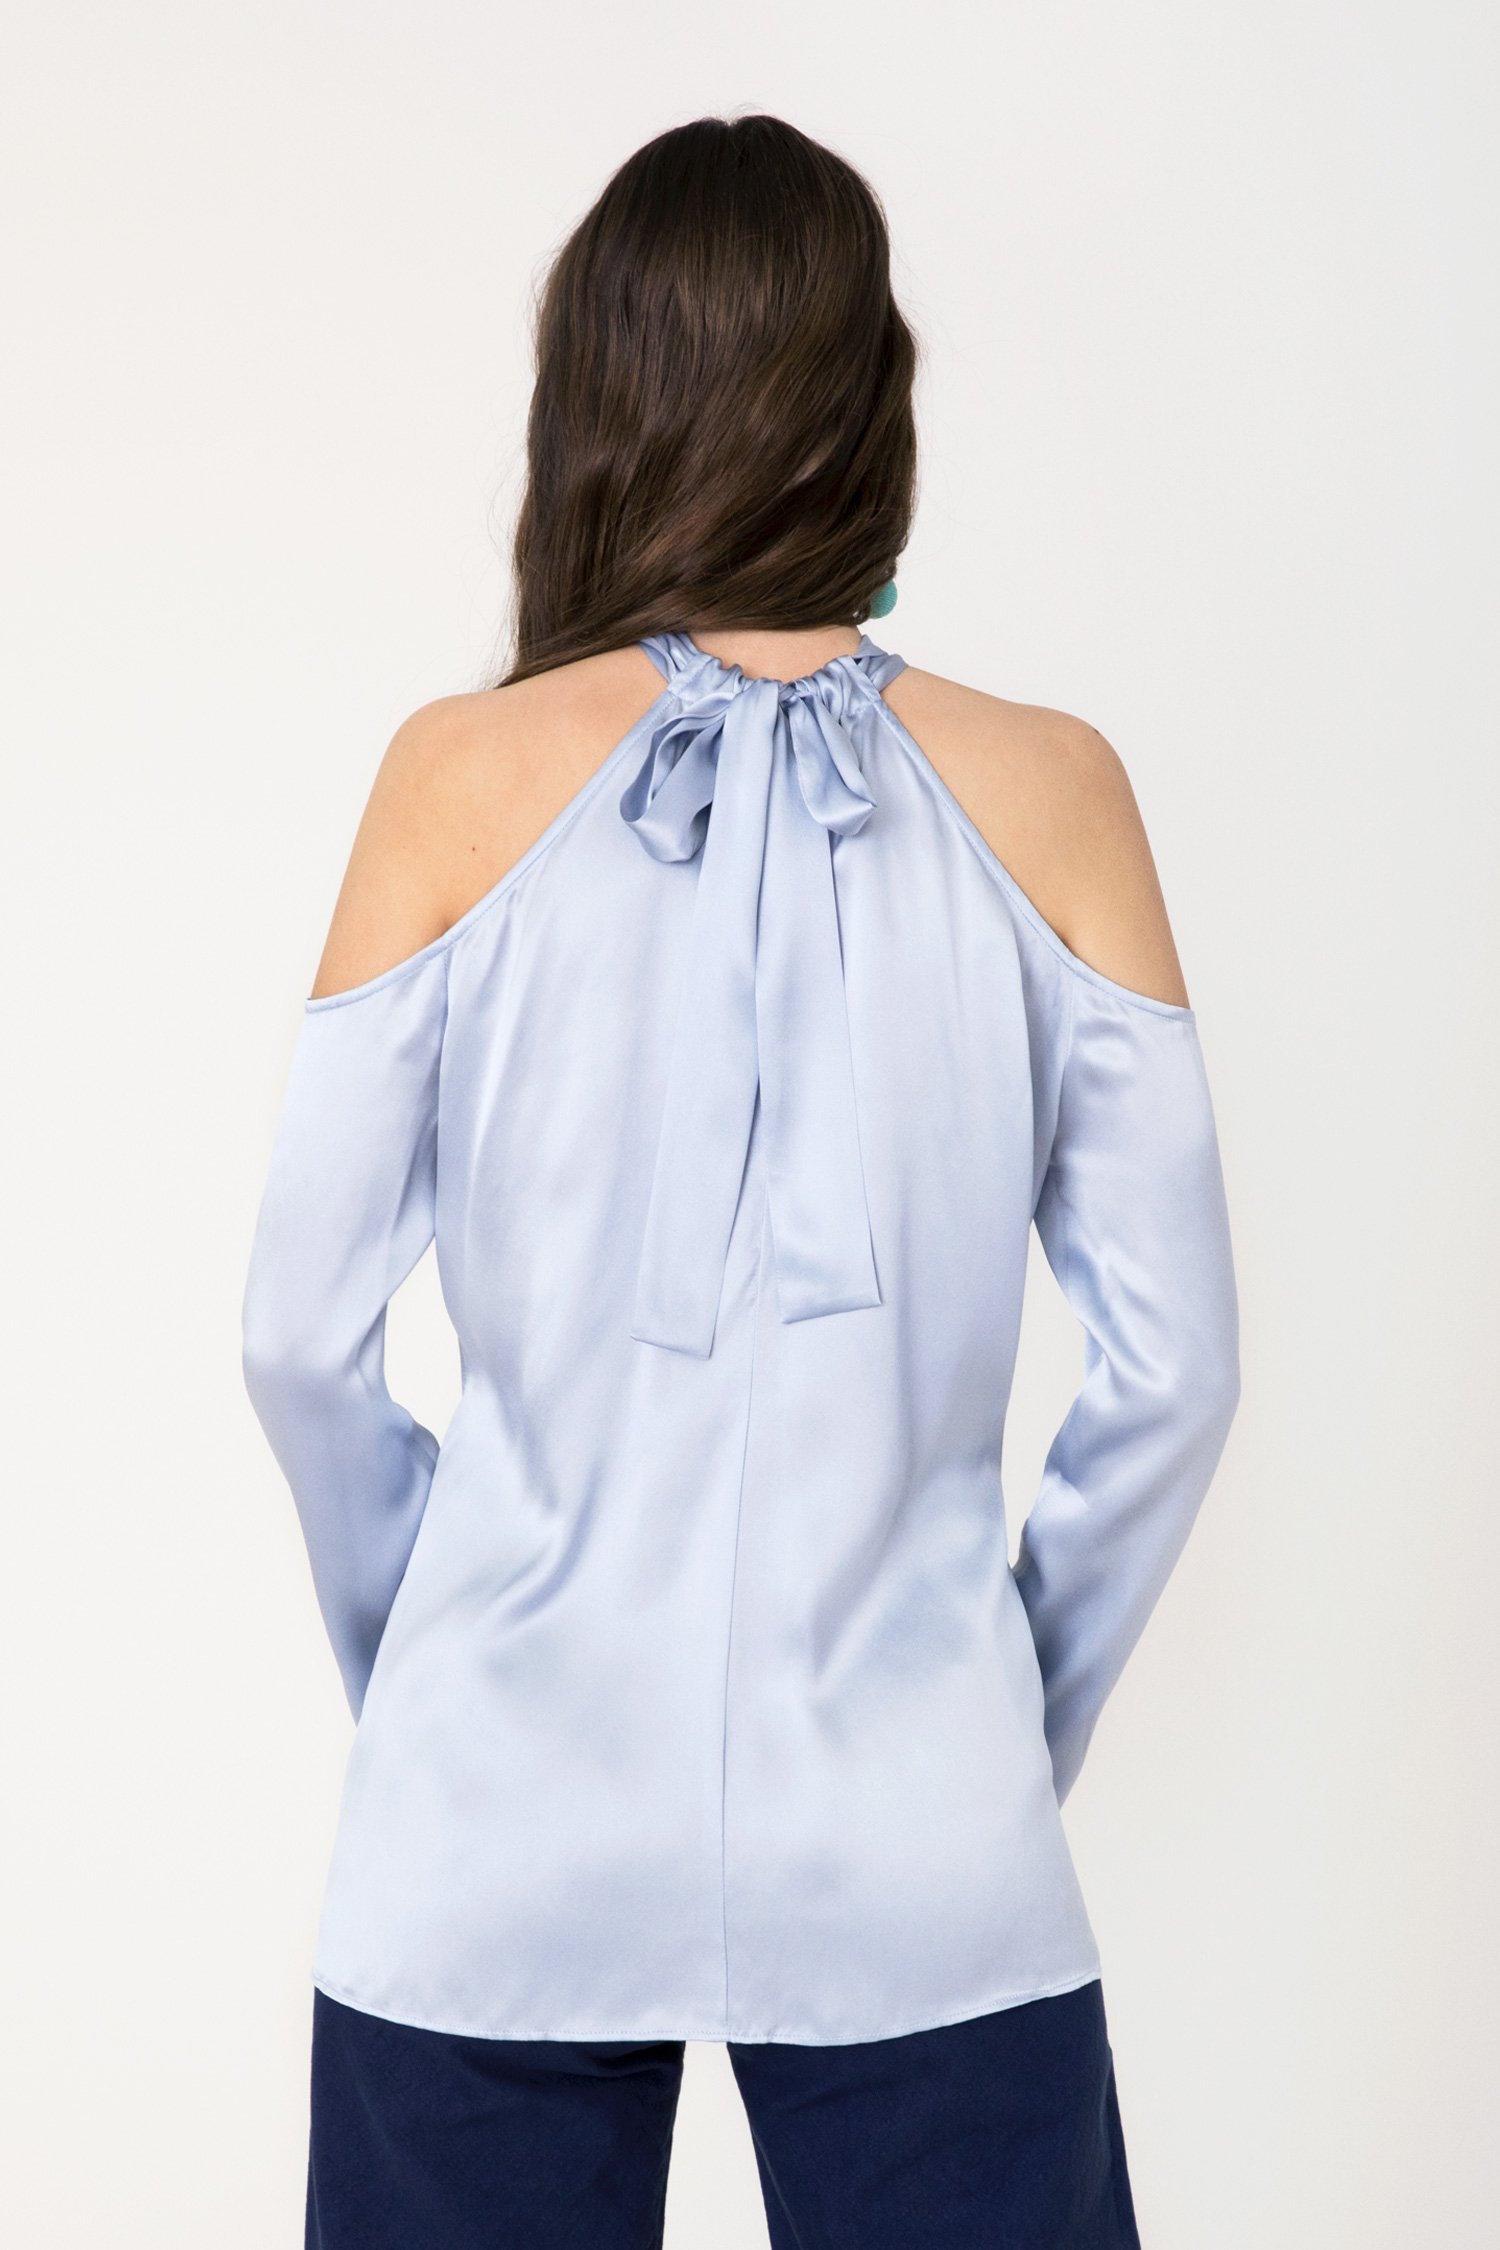 Frances Austen's drape shoulder blouse